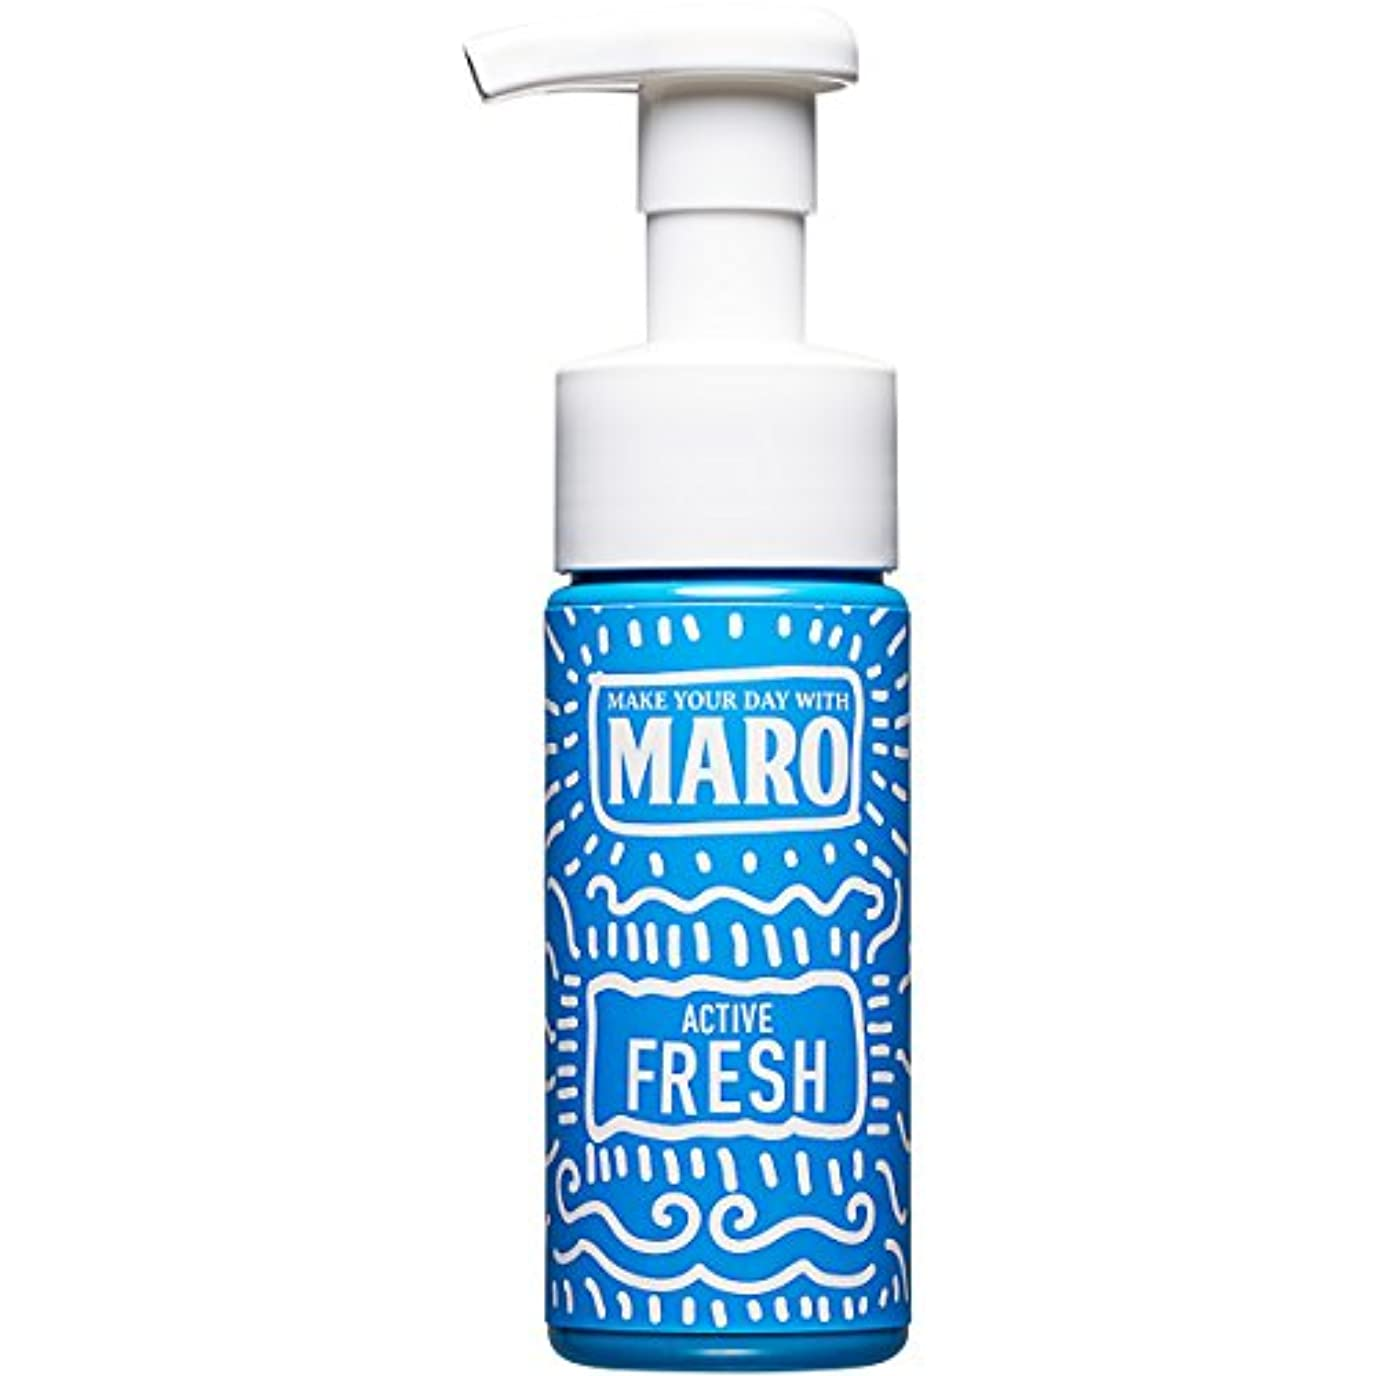 したがってリゾートからかうMARO グルーヴィー 泡洗顔 アクティブフレッシュ 150ml